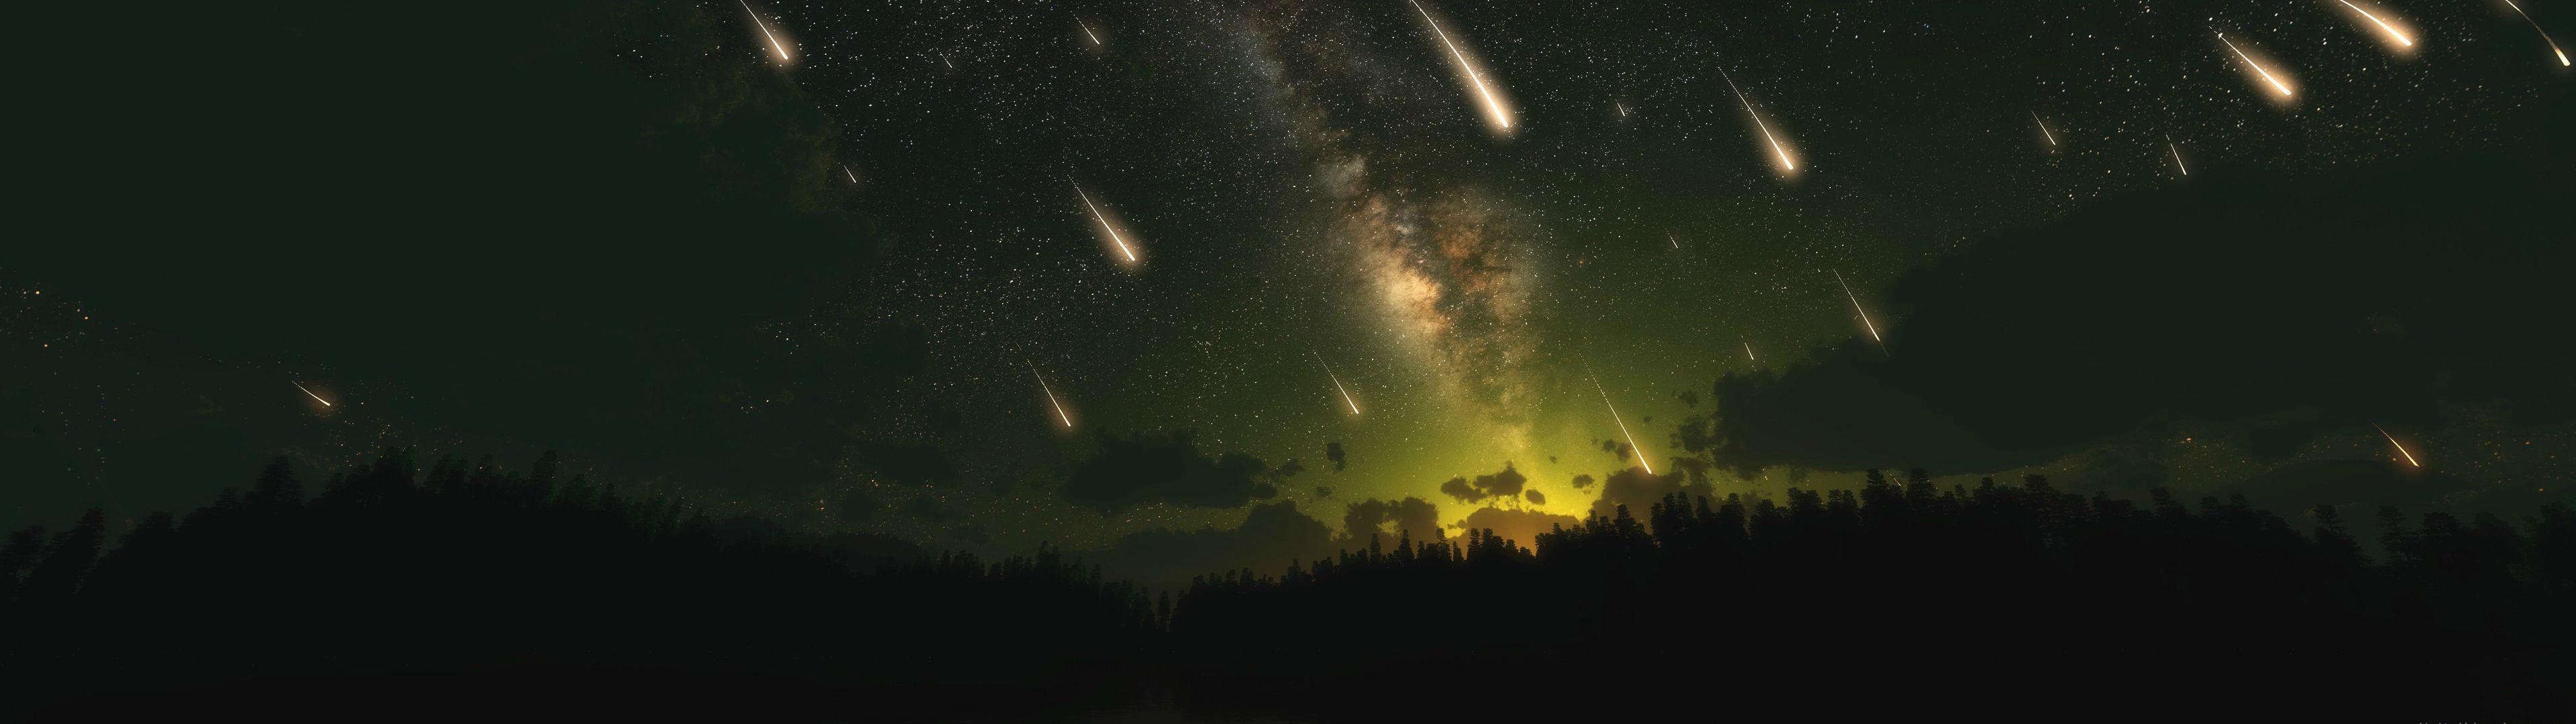 Meteor Shower [3840x1080] : wallpapers